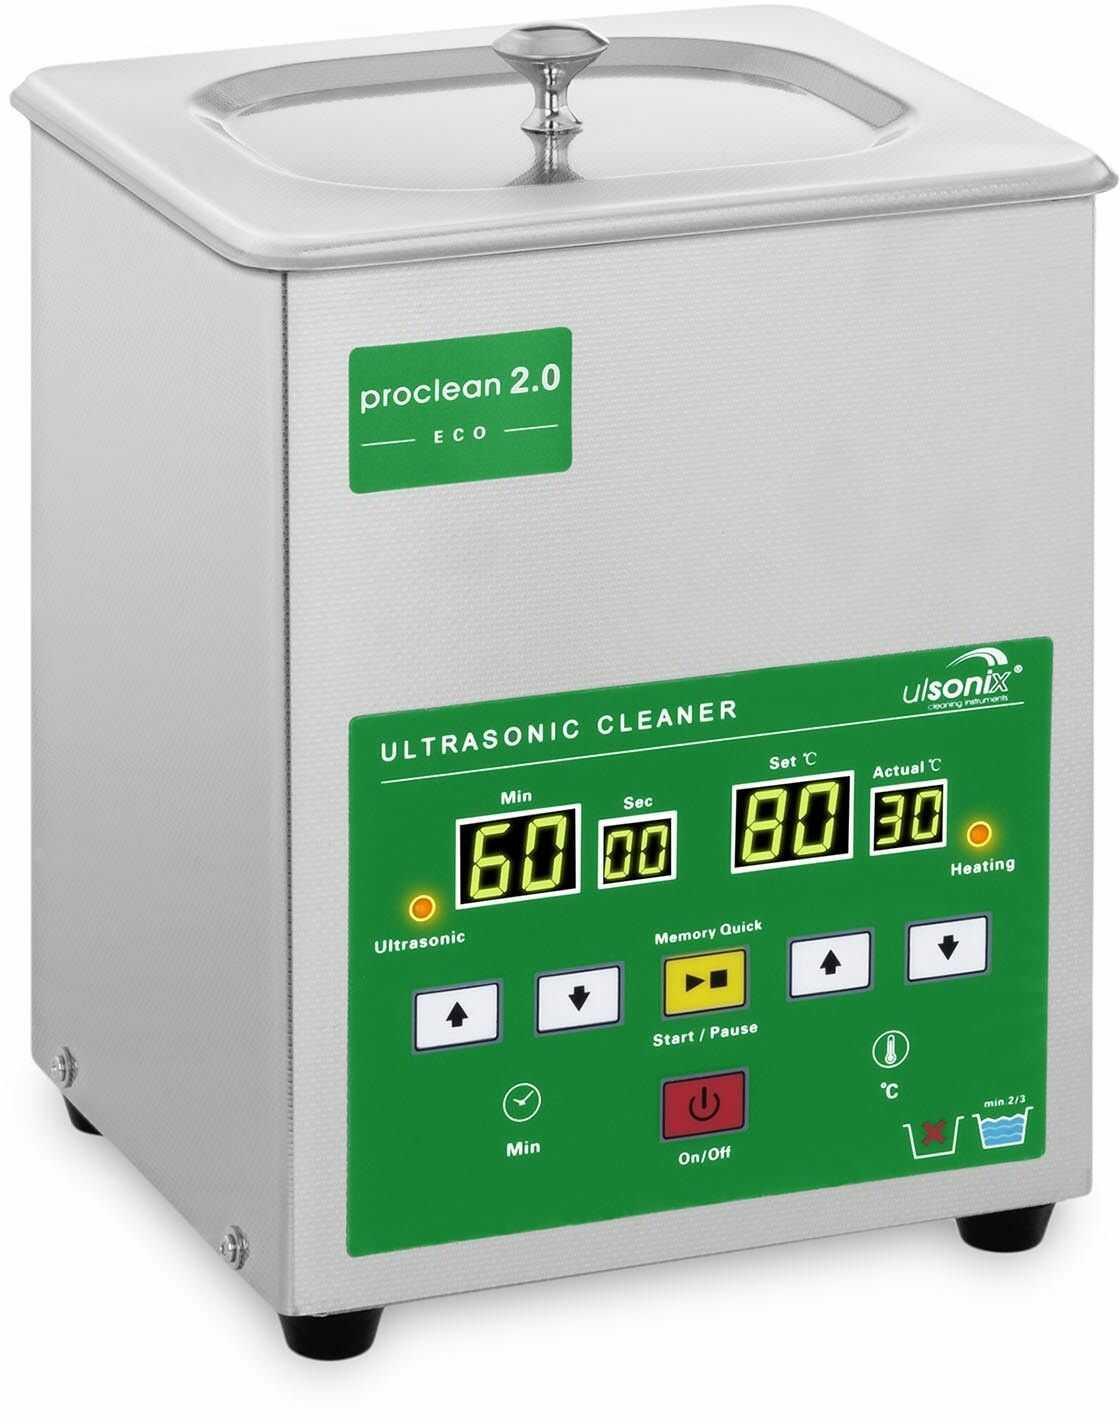 Myjka ultradźwiękowa - 2 litry - 60 W - Memory Quick Eco - ulsonix - PROCLEAN 2.0 ECO - 3 lata gwarancji/wysyłka w 24h